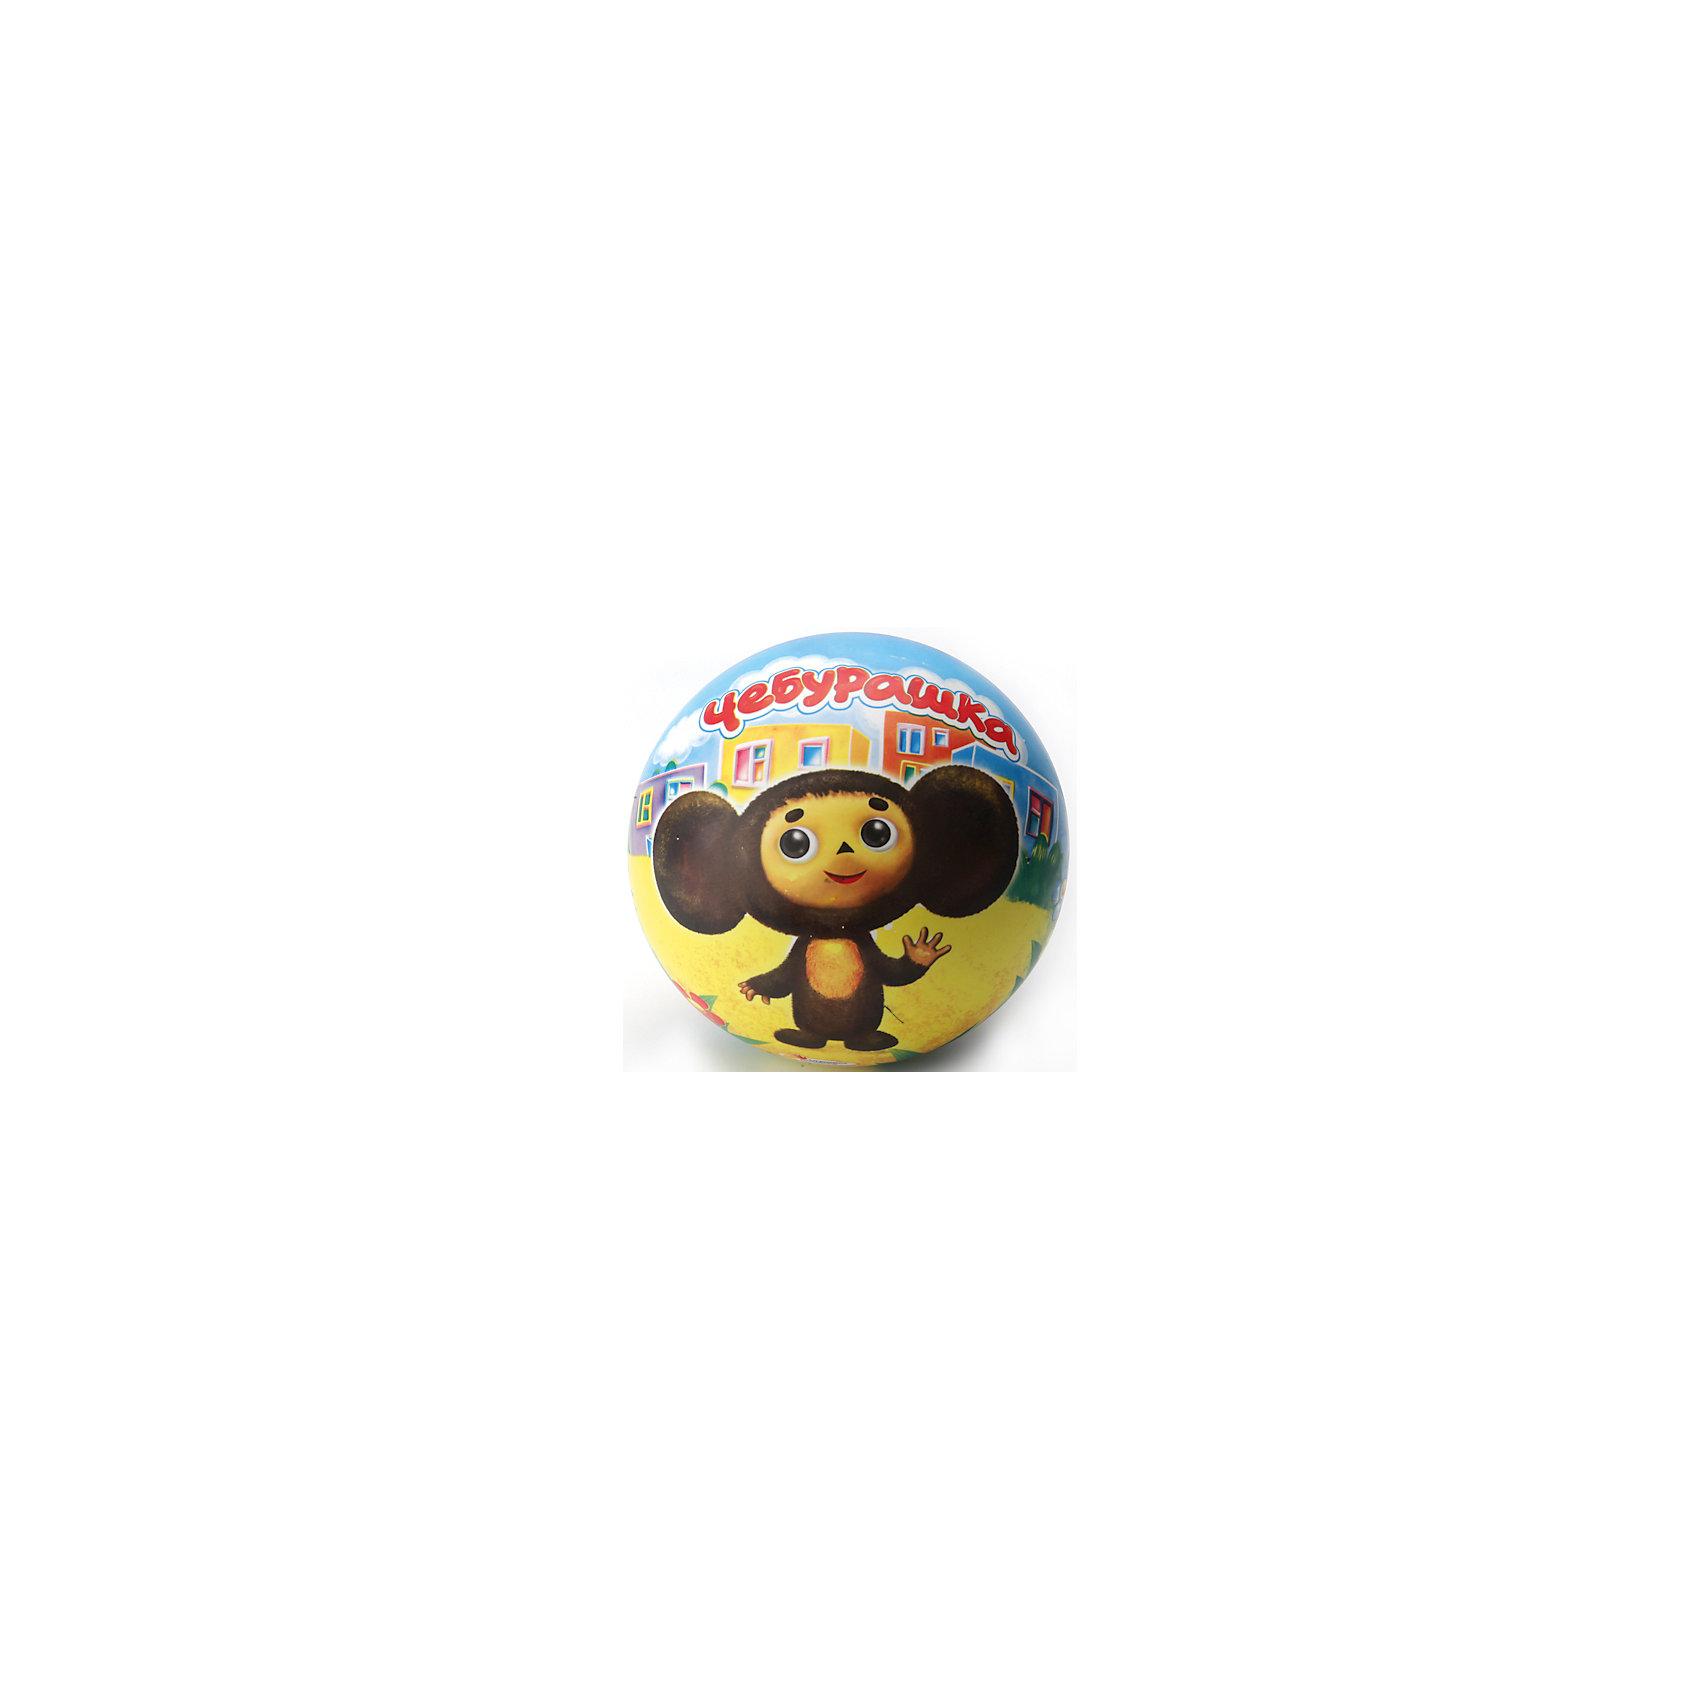 Мяч Чебурашка, 23 см, Играем вместеСоветские мультфильмы<br>Мяч с изображением любимых героев - прекрасный подарок для любого ребенка! Игры с мячом  стимулируют детей к физической активности, развивают моторику, координацию, тренируют различные группы мышц. Игрушка выполнена из высококачественных материалов, в производстве которых использованы только нетоксичные, безопасные для детей красители. <br><br>Дополнительная информация:<br><br>- Материал: ПВХ.<br>- Размер d - 23 см.<br><br>Мяч Чебурашка, 23 см, Играем вместе, можно купить в нашем магазине.<br><br>Ширина мм: 460<br>Глубина мм: 360<br>Высота мм: 280<br>Вес г: 110<br>Возраст от месяцев: 36<br>Возраст до месяцев: 96<br>Пол: Унисекс<br>Возраст: Детский<br>SKU: 4616841